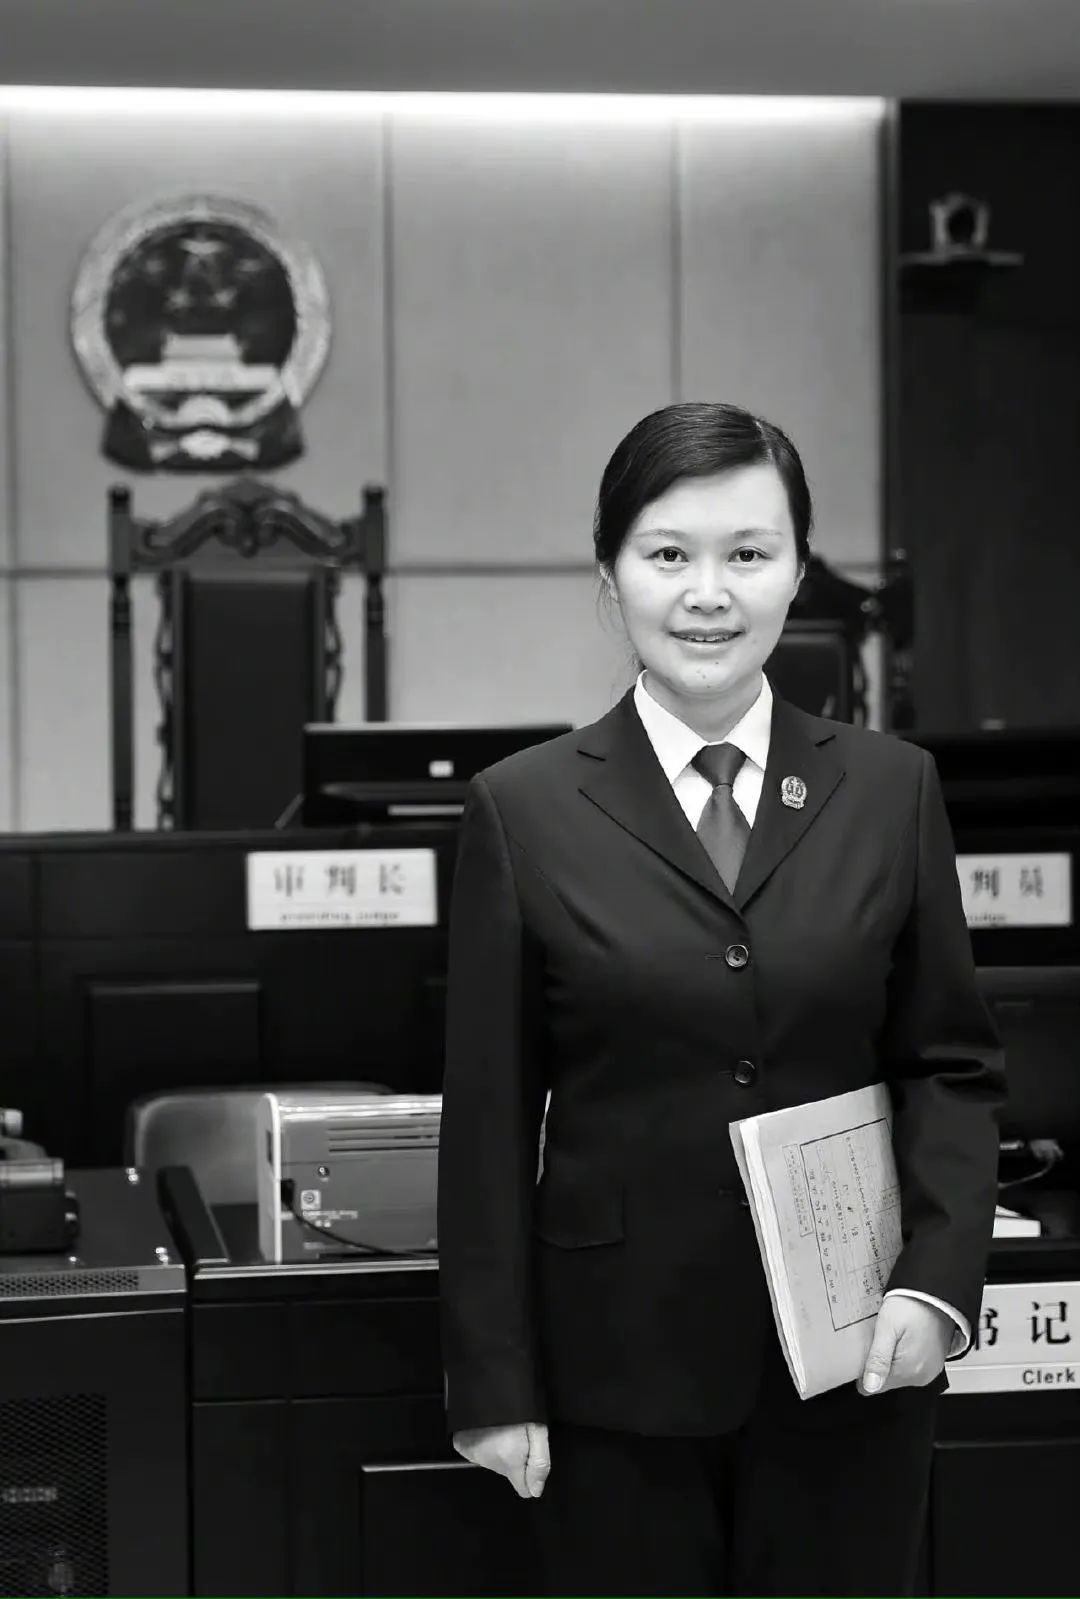 杀害湖南高院女法官嫌疑人被批捕两人之间的暧昧故事让人惊奇!